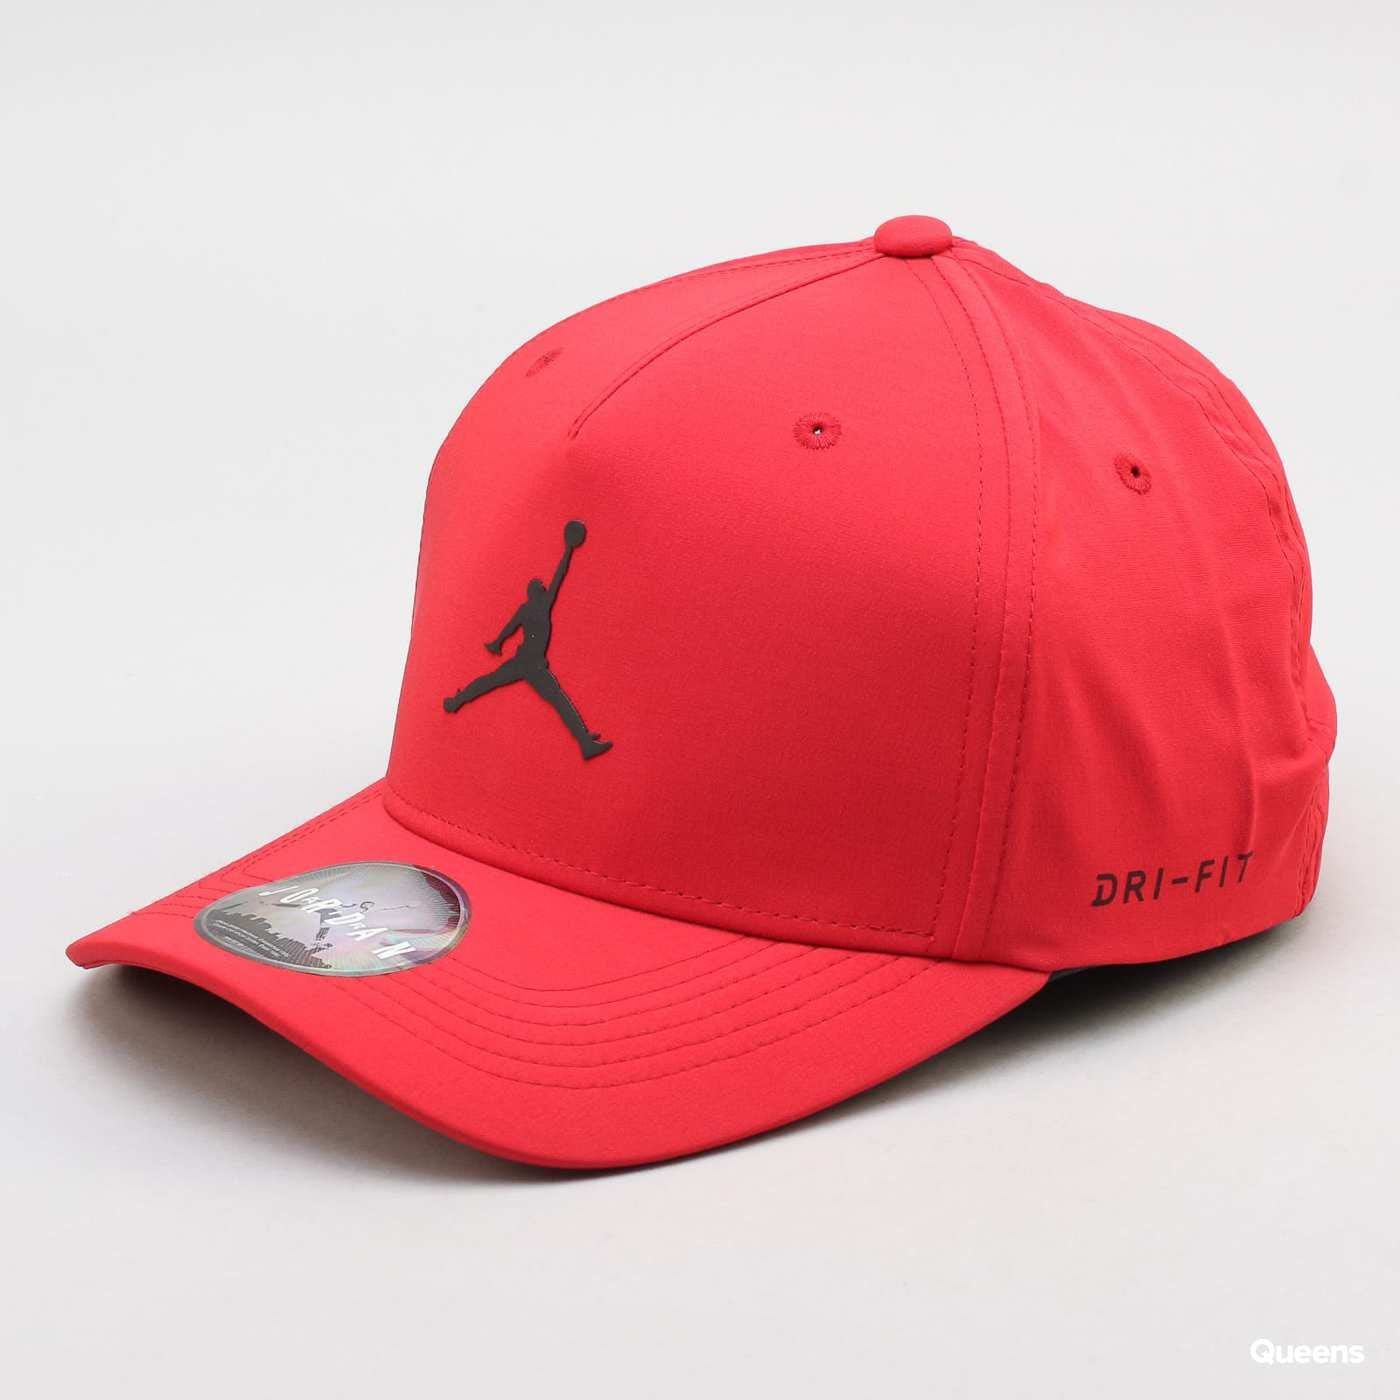 5333f31f351 on feet at 0ef85 f3786 hat jordan jumpman clc99 woven 897559 687 ...